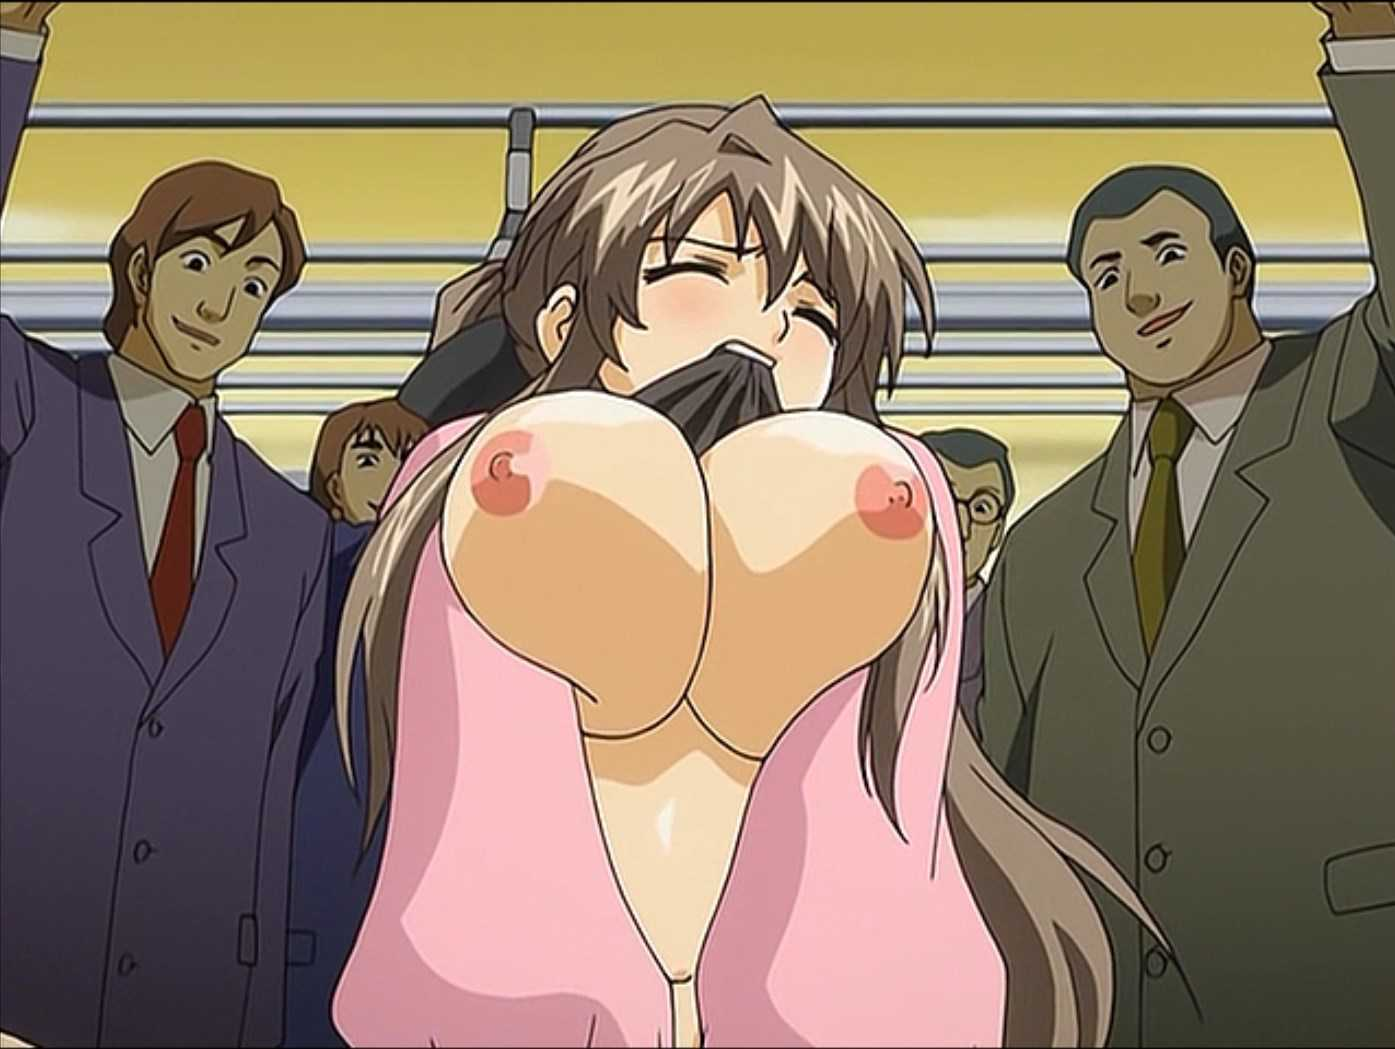 NTRれちゃったり、陵辱されちゃう系のゲームアニメでおすすめある?